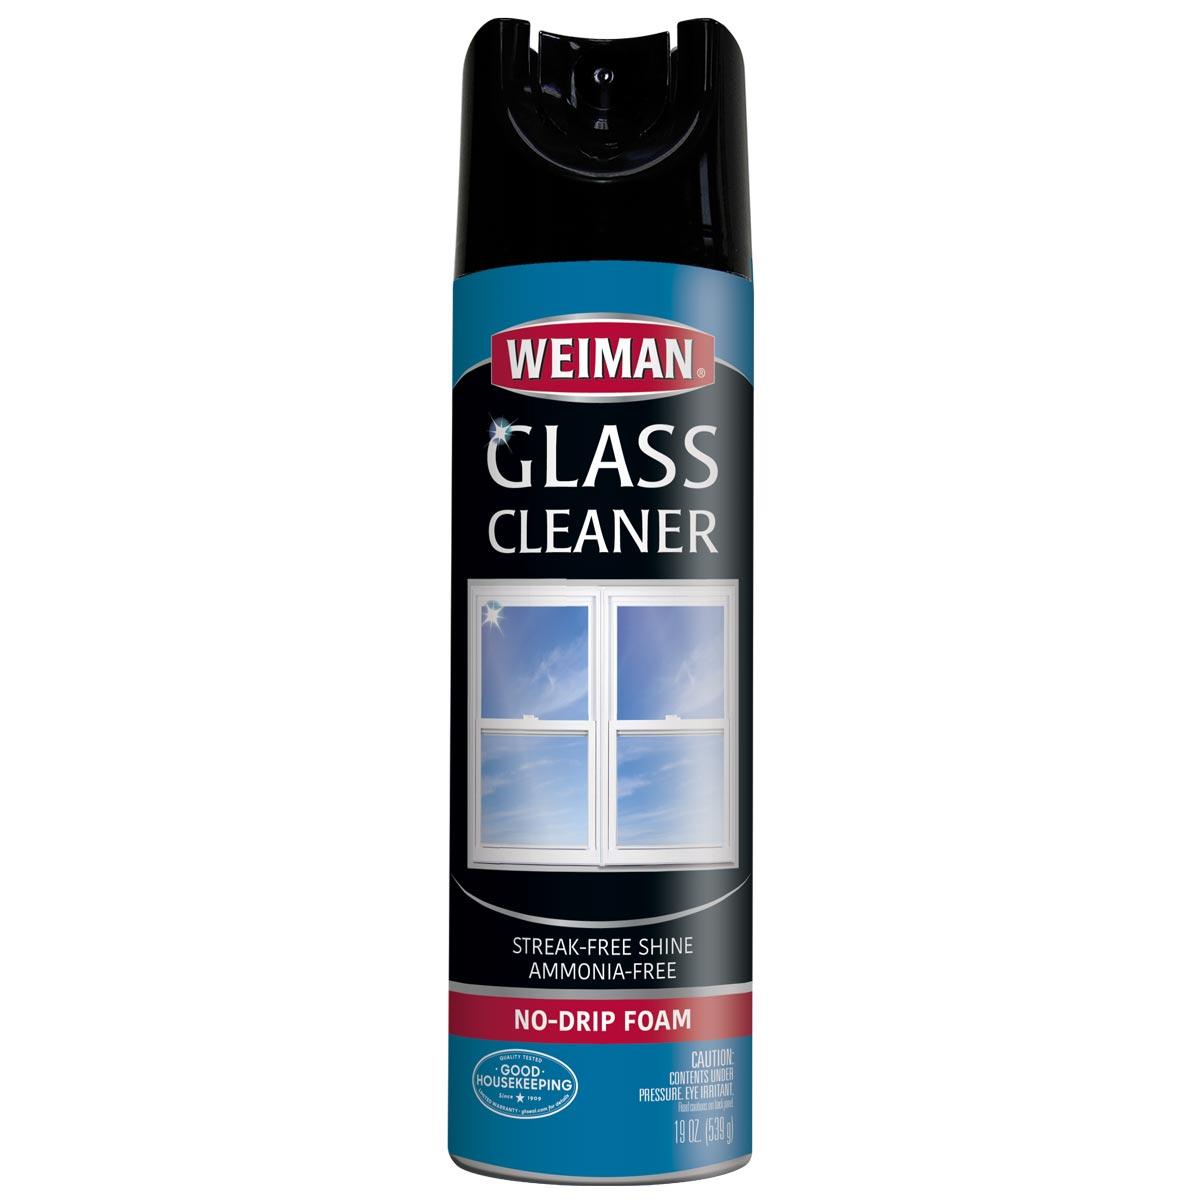 https://googone.com/media/catalog/product/w/e/weiman-glass-cleaner_front.jpg